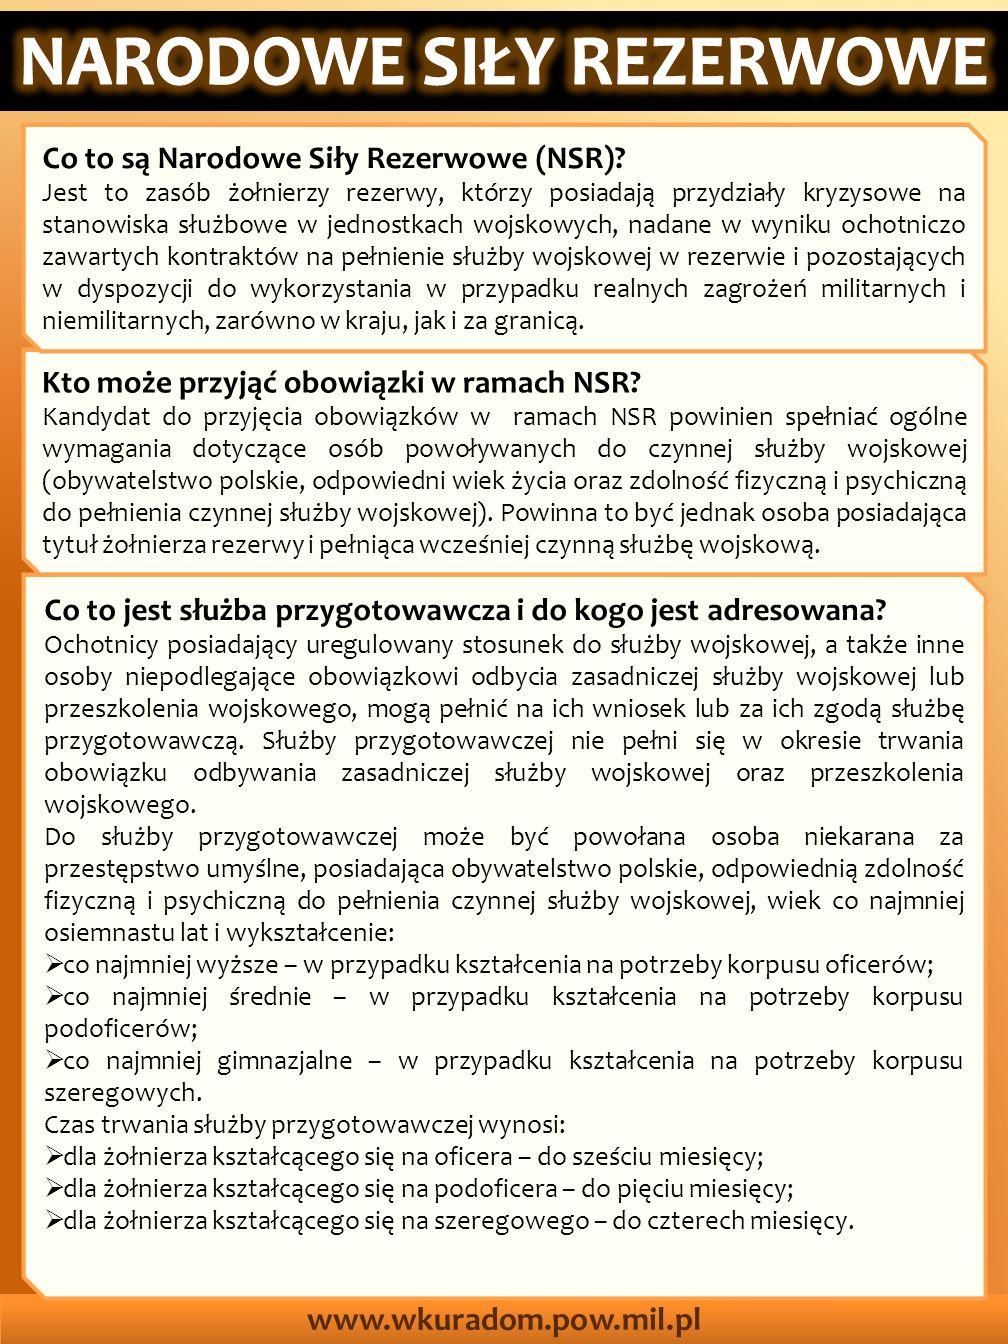 www.wkuradom.pow.mil.pl Co to jest służba przygotowawcza i do kogo jest adresowana? Ochotnicy posiadający uregulowany stosunek do służby wojskowej, a